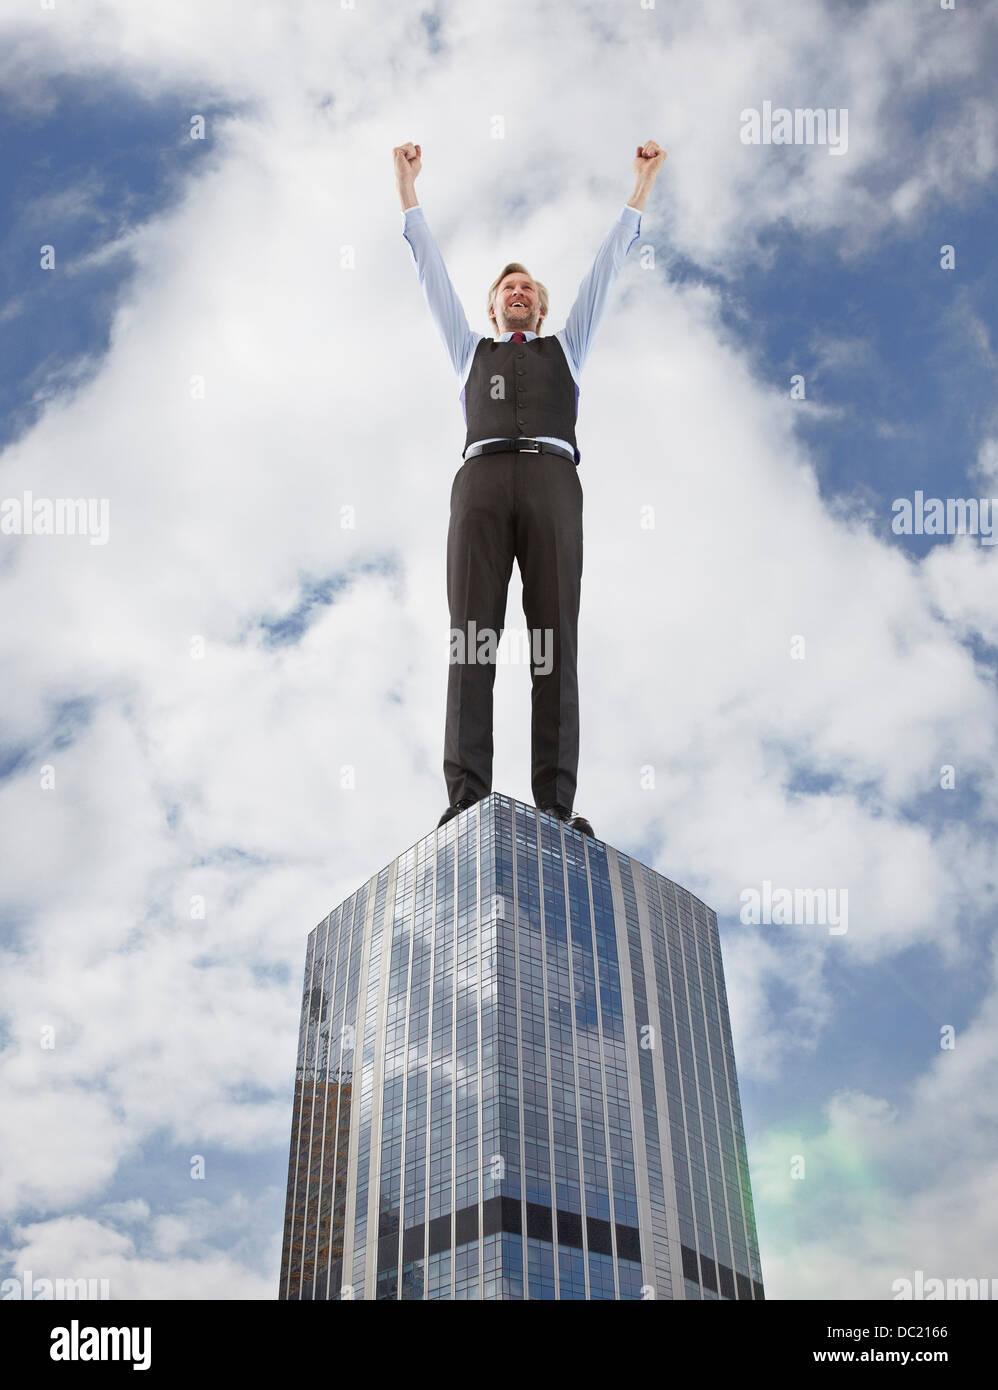 Übergroße Geschäftsmann anfeuern Wolkenkratzer, niedrigen Winkel Ansicht Stockbild